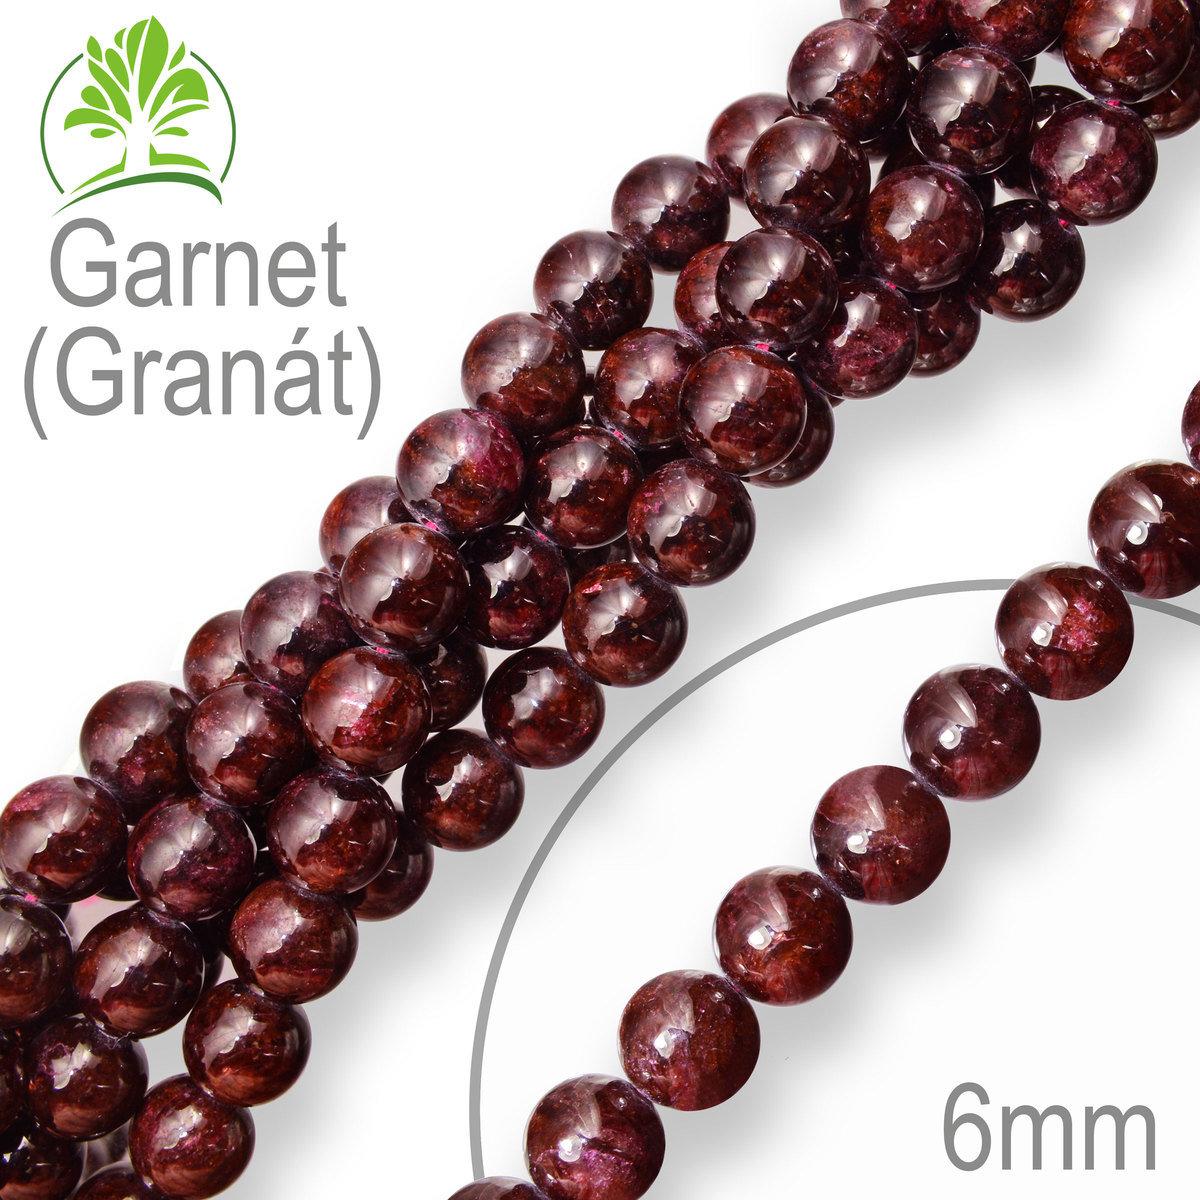 2a2767ca0 Korálky z minerálů Garnet (Granát) přírodní polodrahokam. Velikost ...